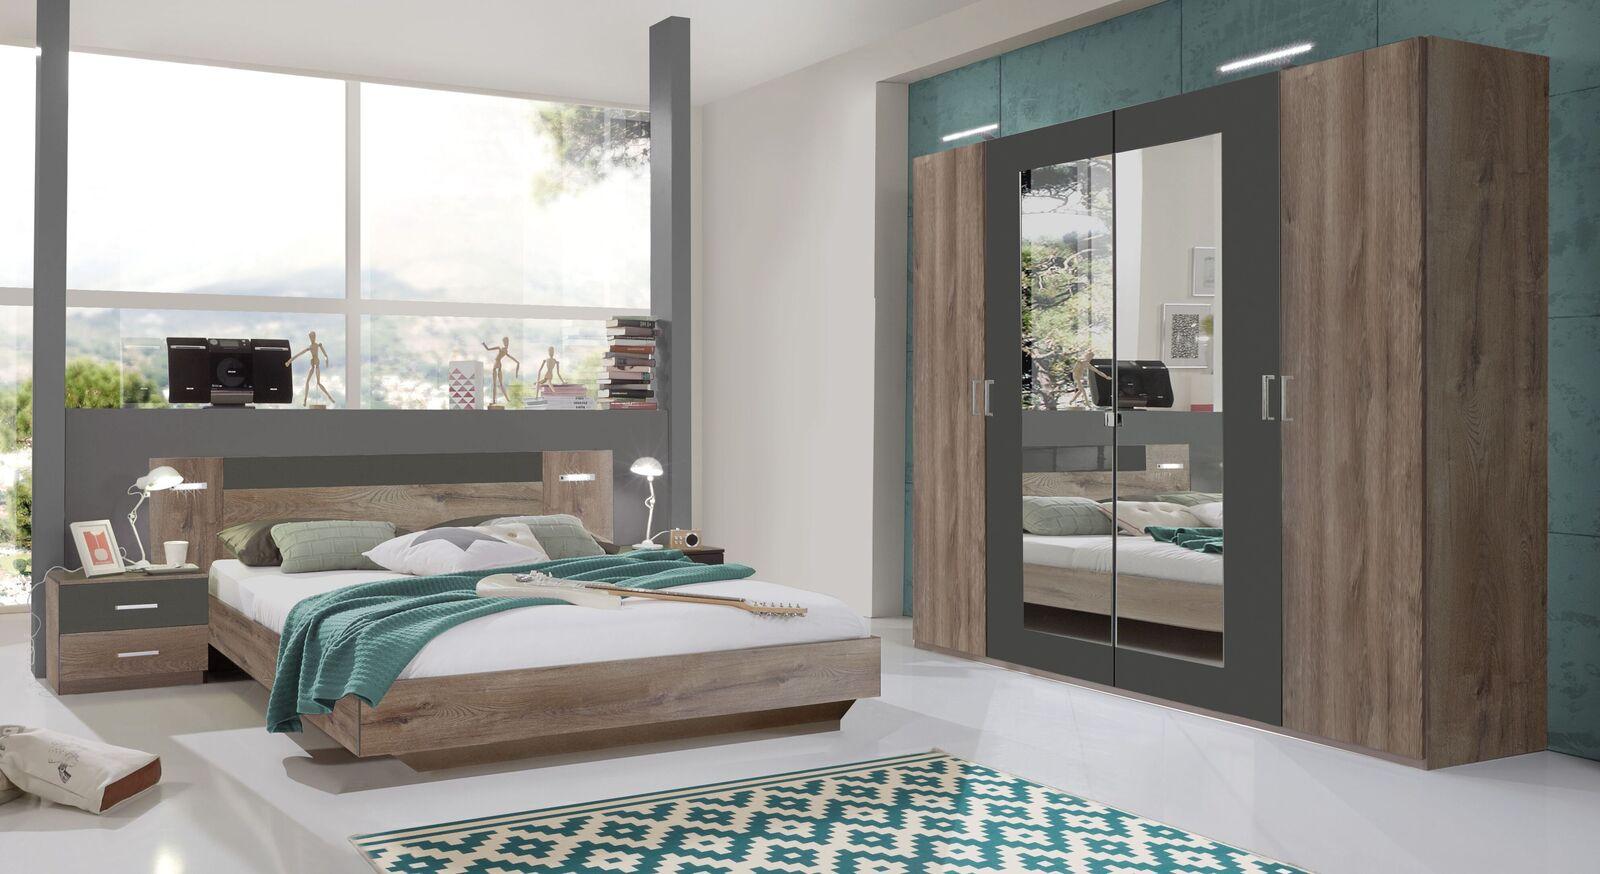 Komplett-Schlafzimmer Sontra in Schlammeiche Dekor